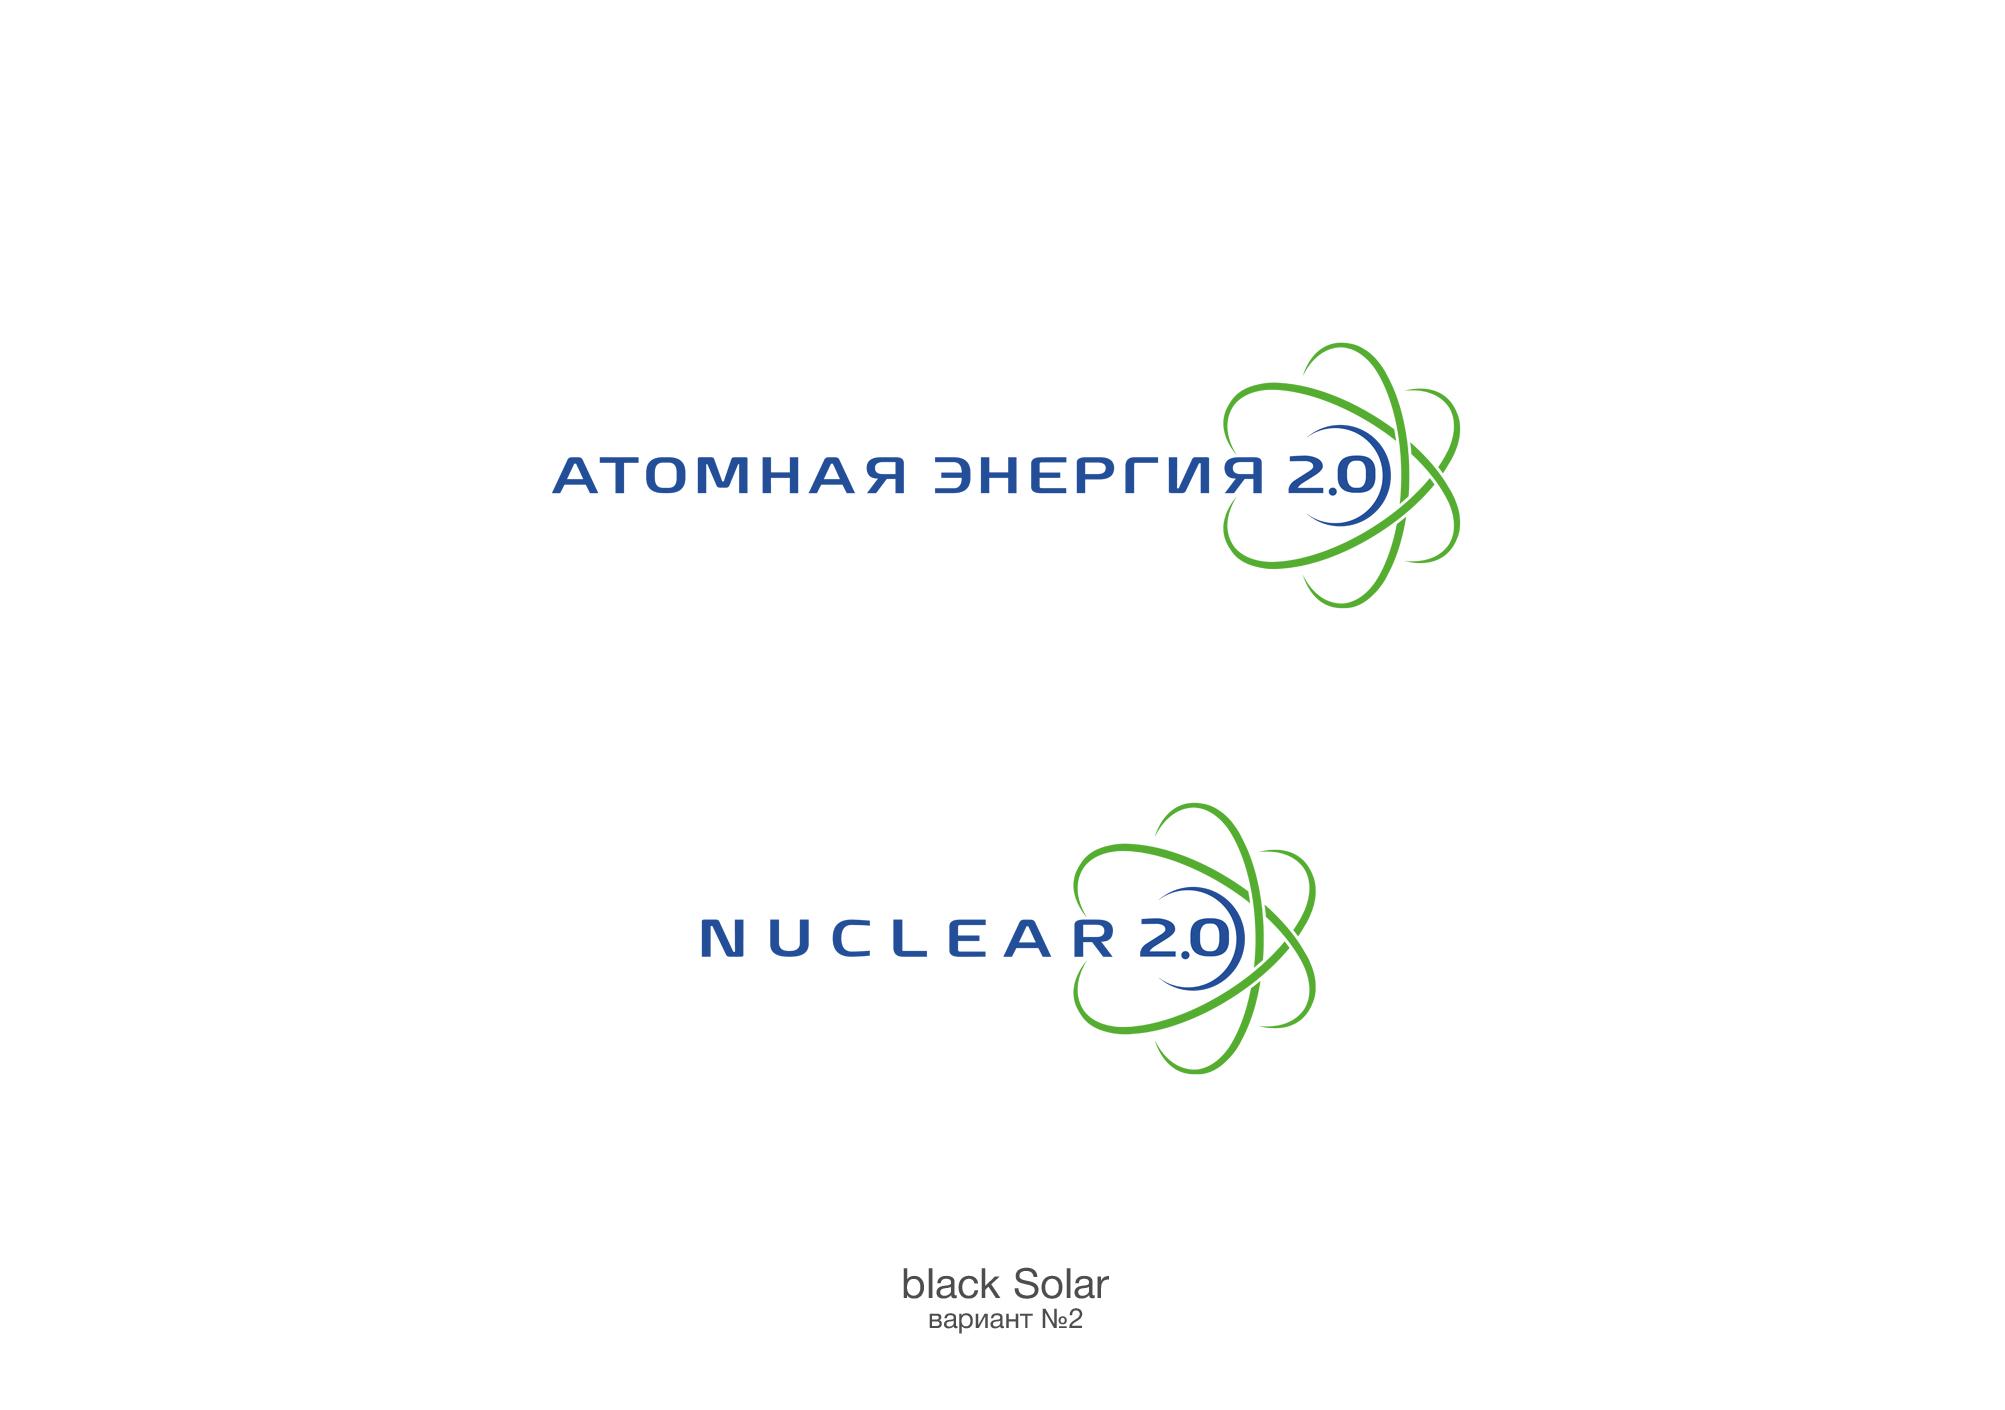 """Фирменный стиль для научного портала """"Атомная энергия 2.0"""" фото f_25259fe3b1bc6f02.jpg"""